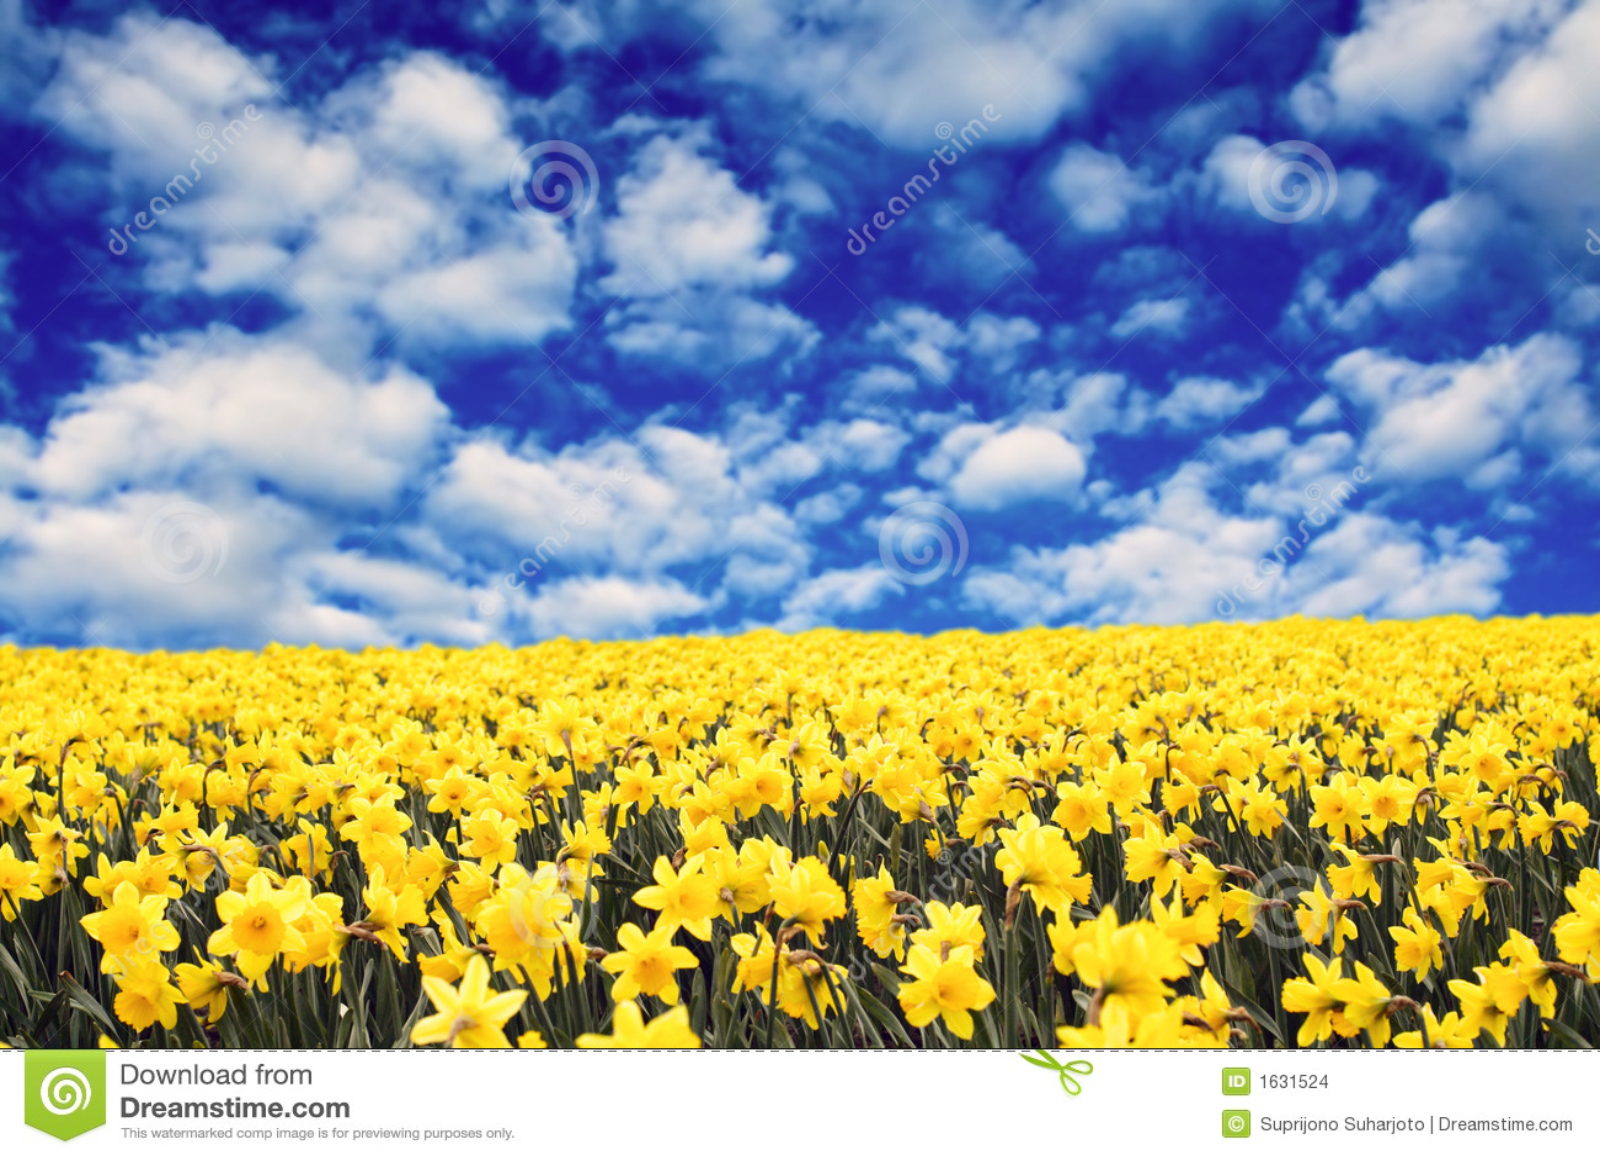 Jonquilles jaunes